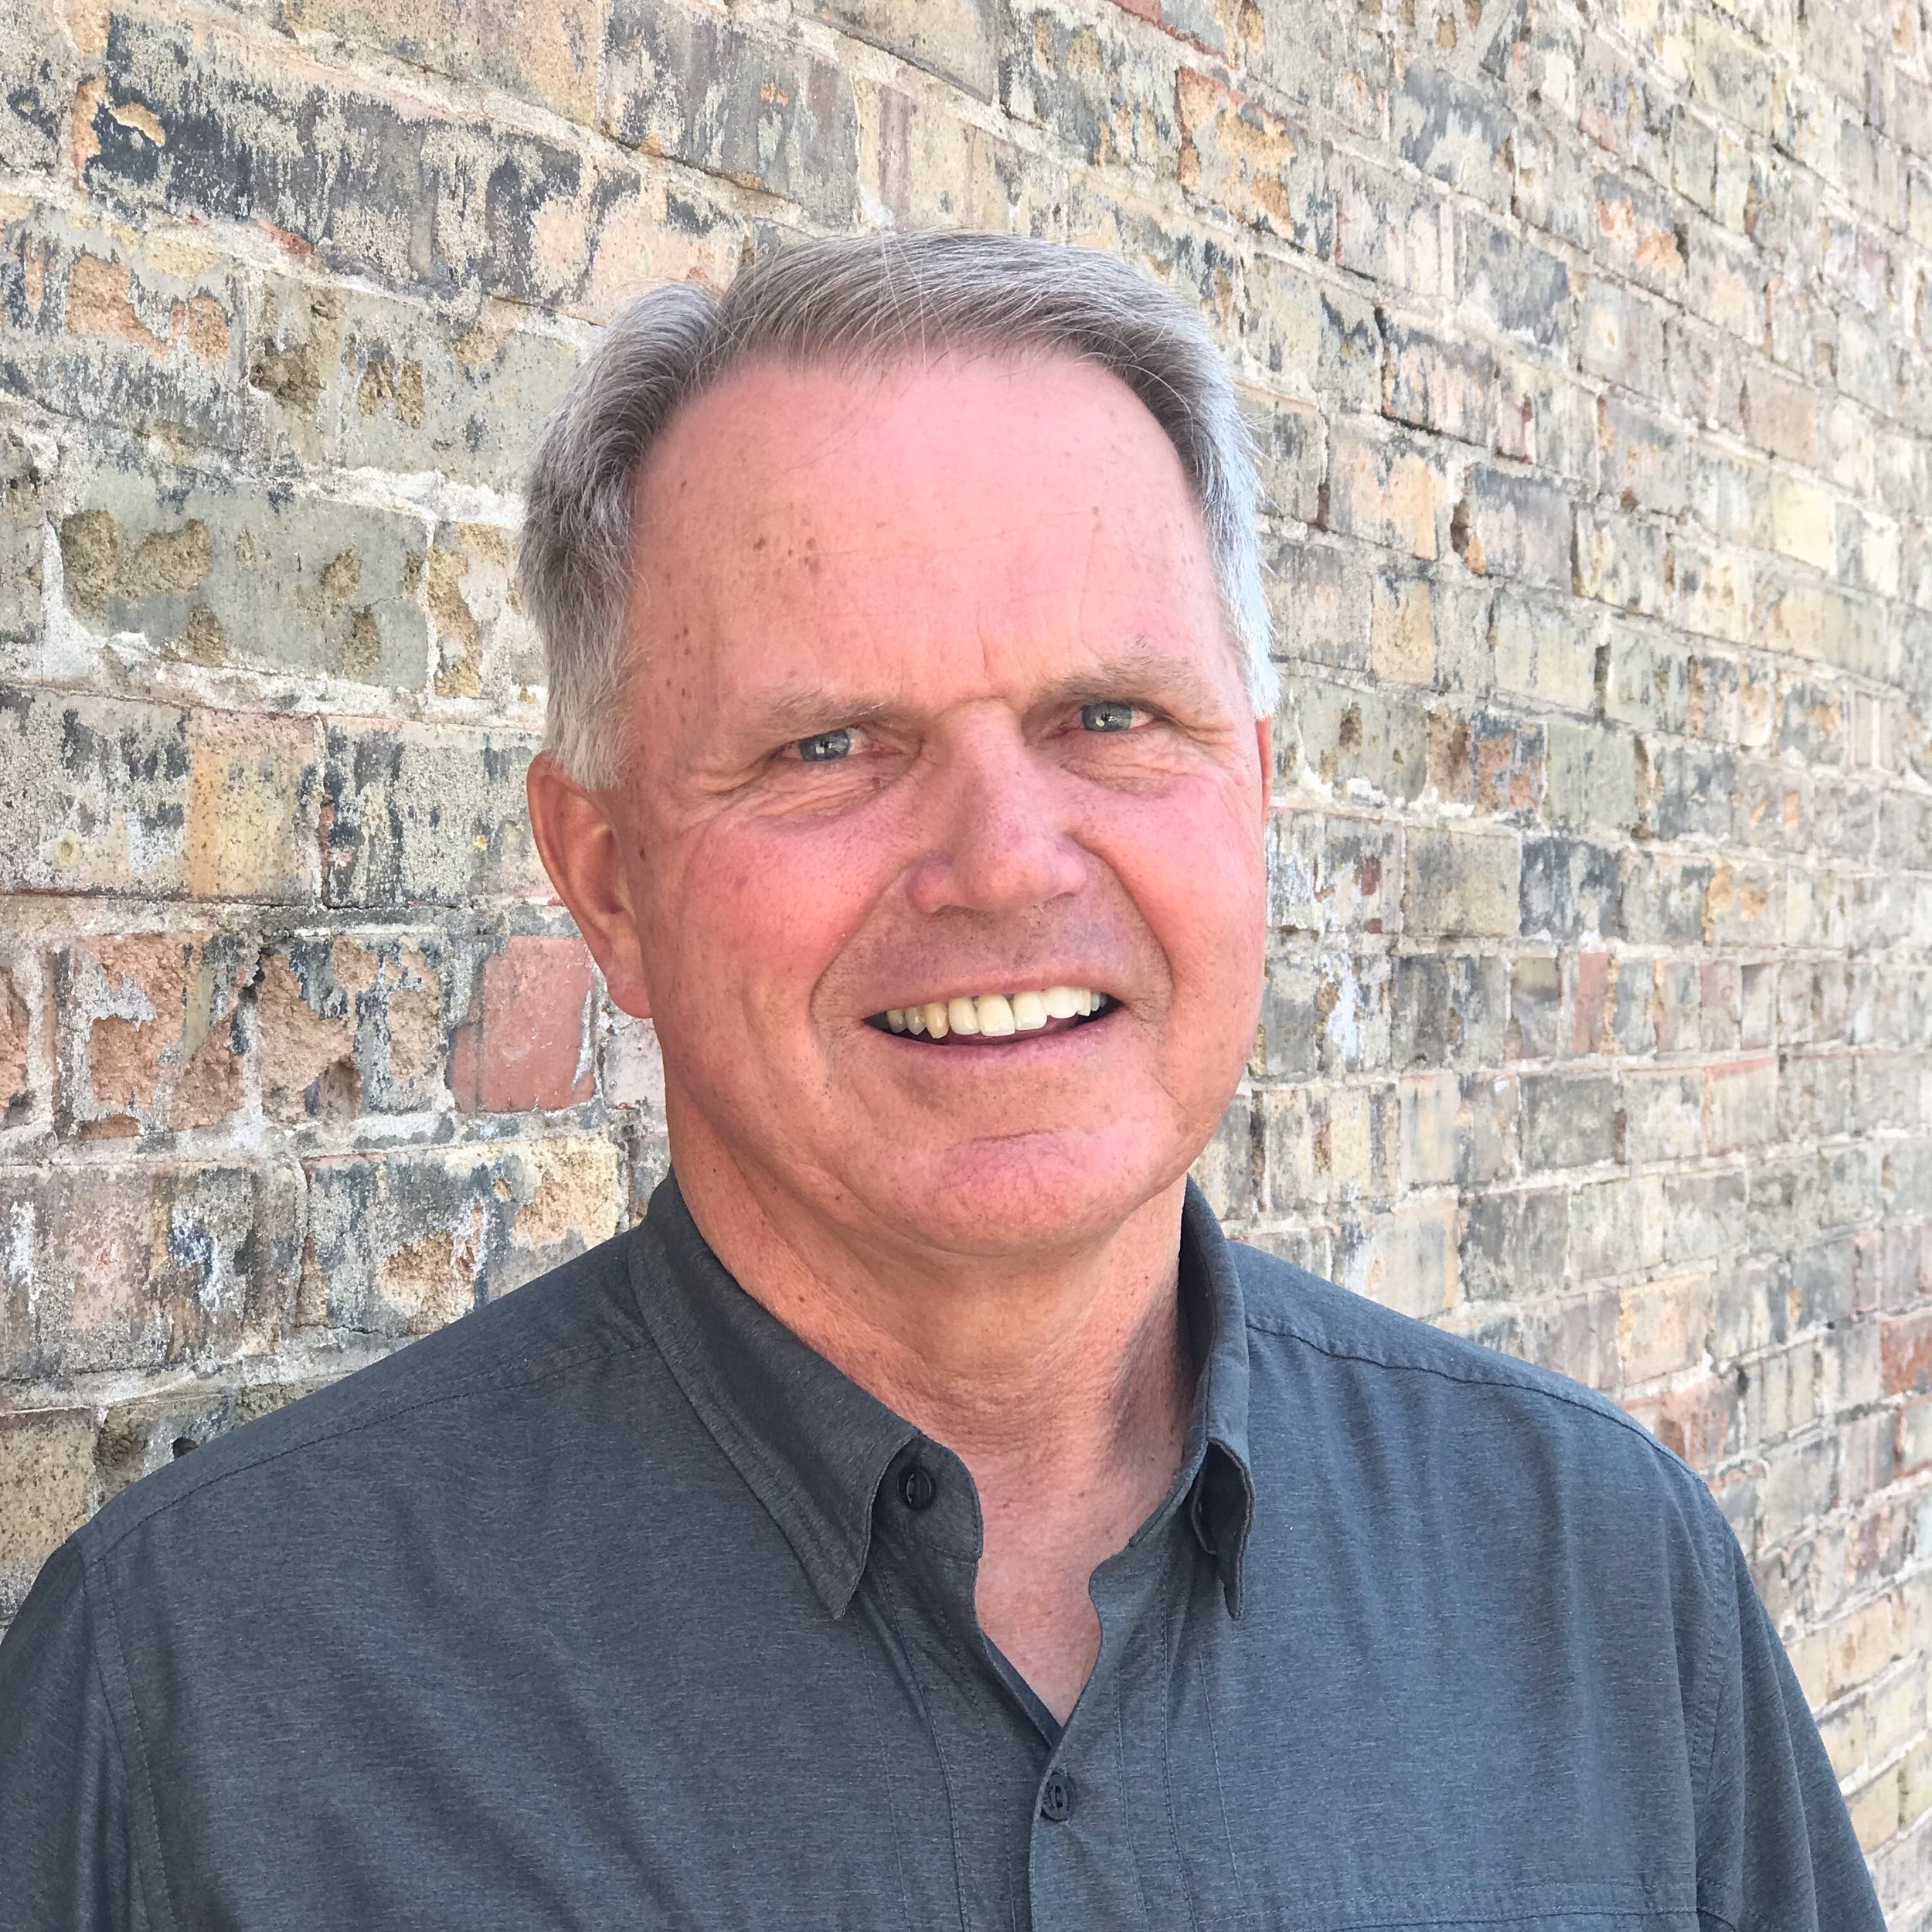 Jeff Stuart - Board Member